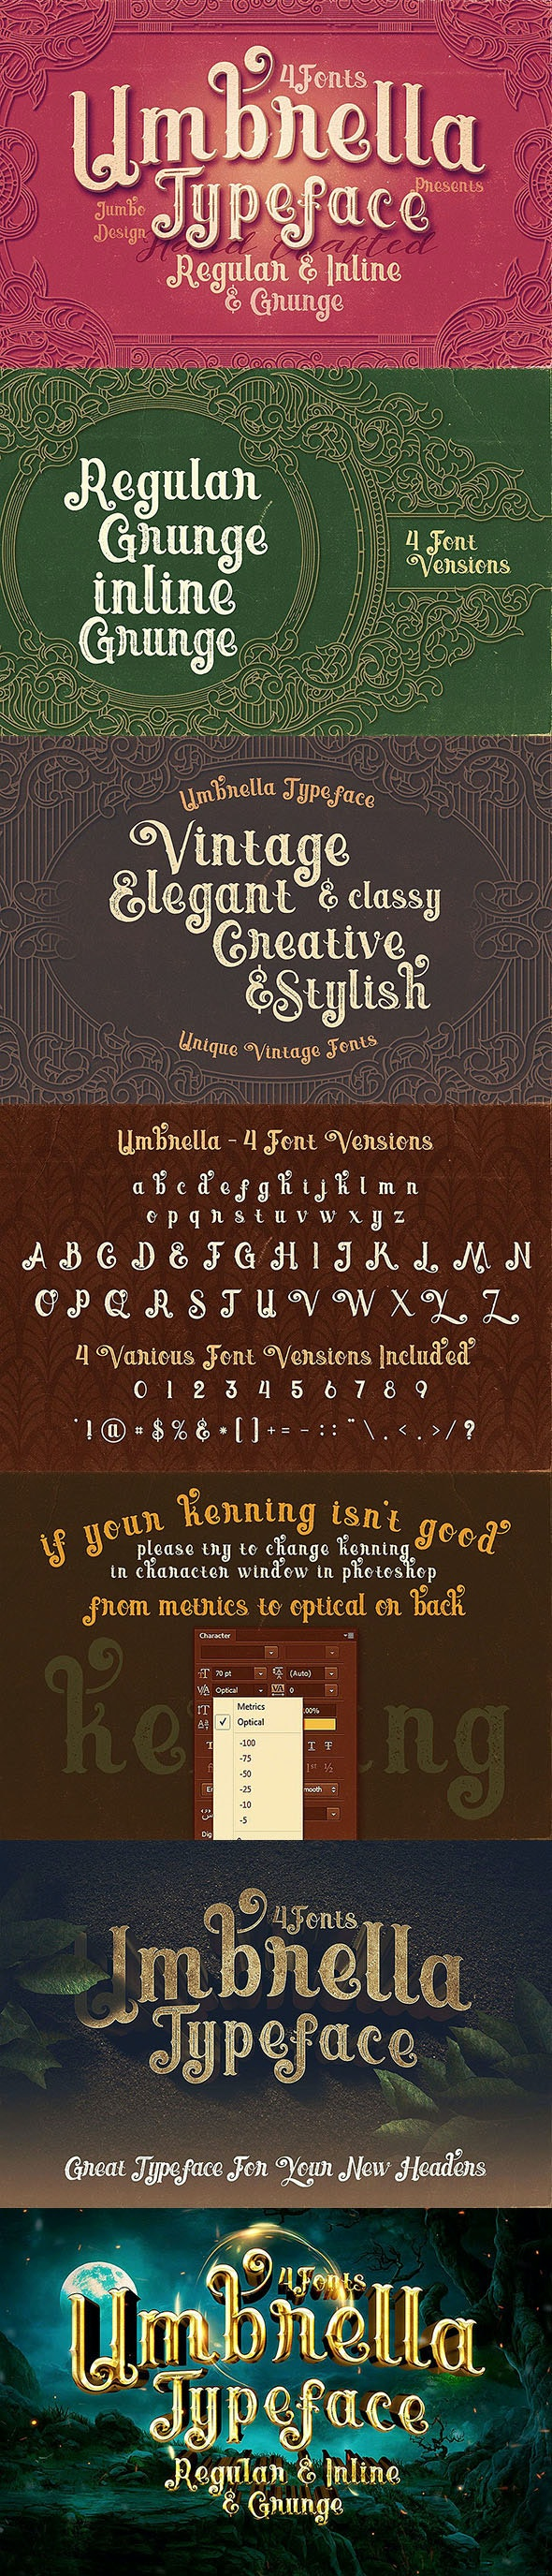 Umbrella - 4 Display Fonts - Decorative Fonts